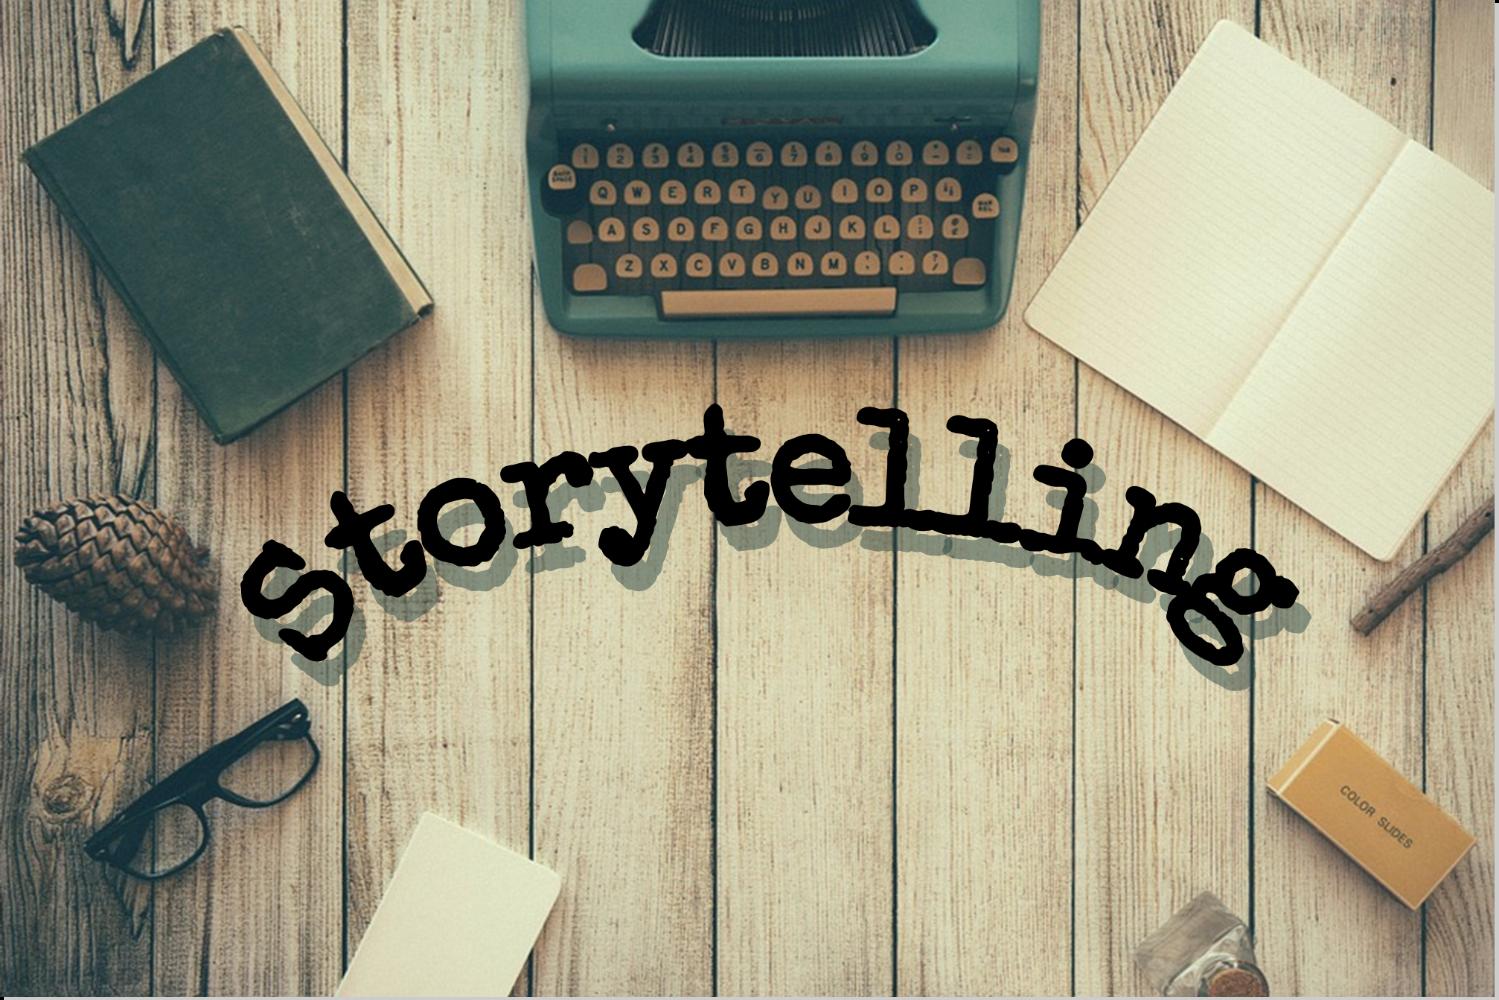 Raccontiamo..ci una storia